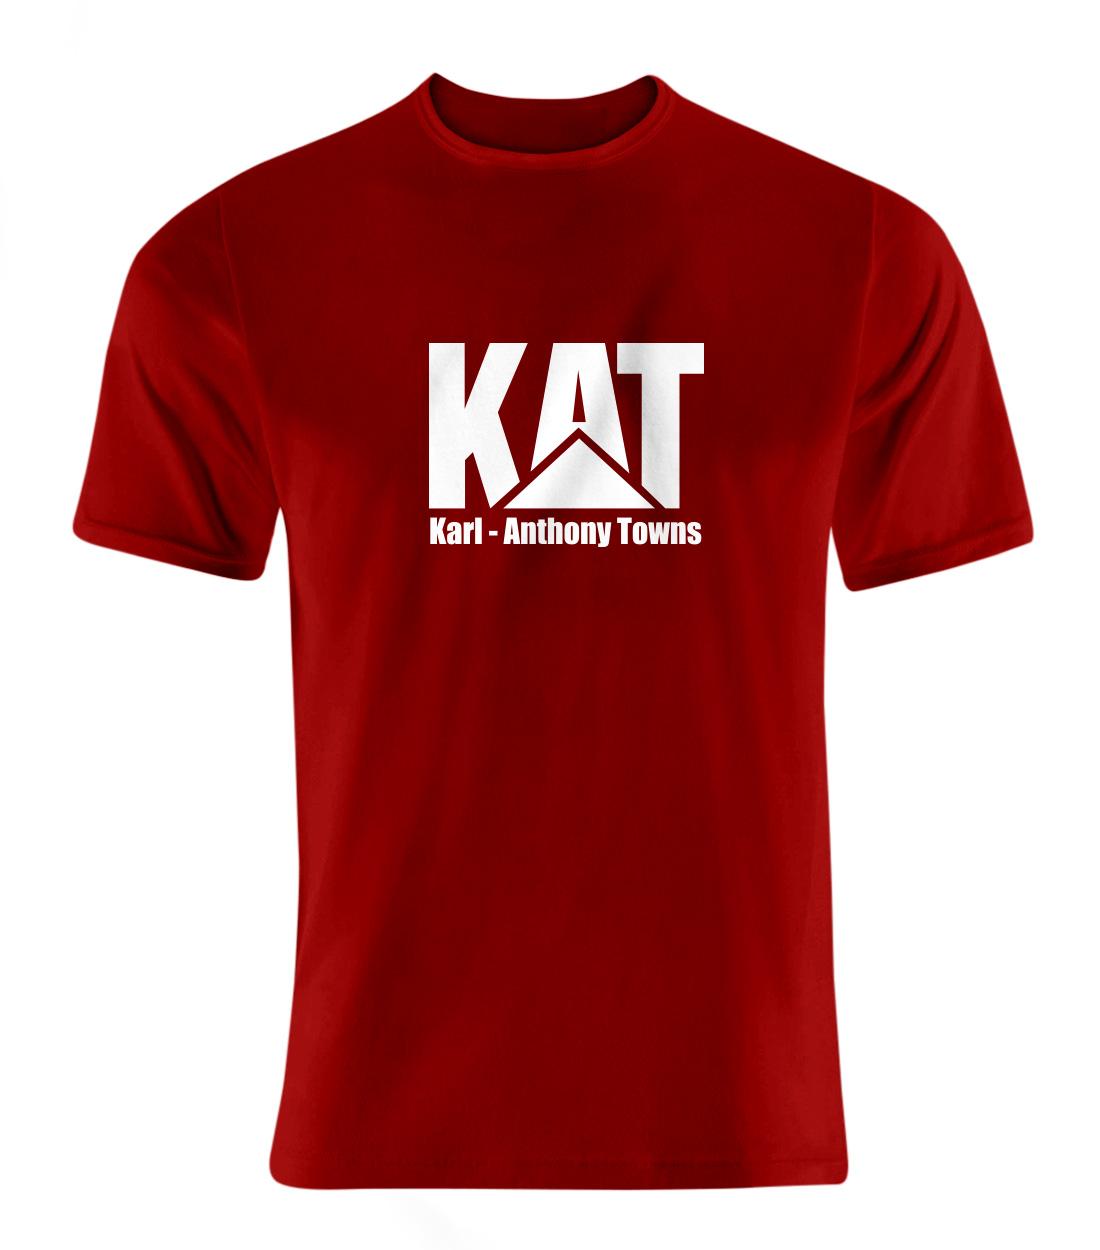 Karl Anthony Towns Tshirt (TSH-RED-PLT-kat-logo-616)